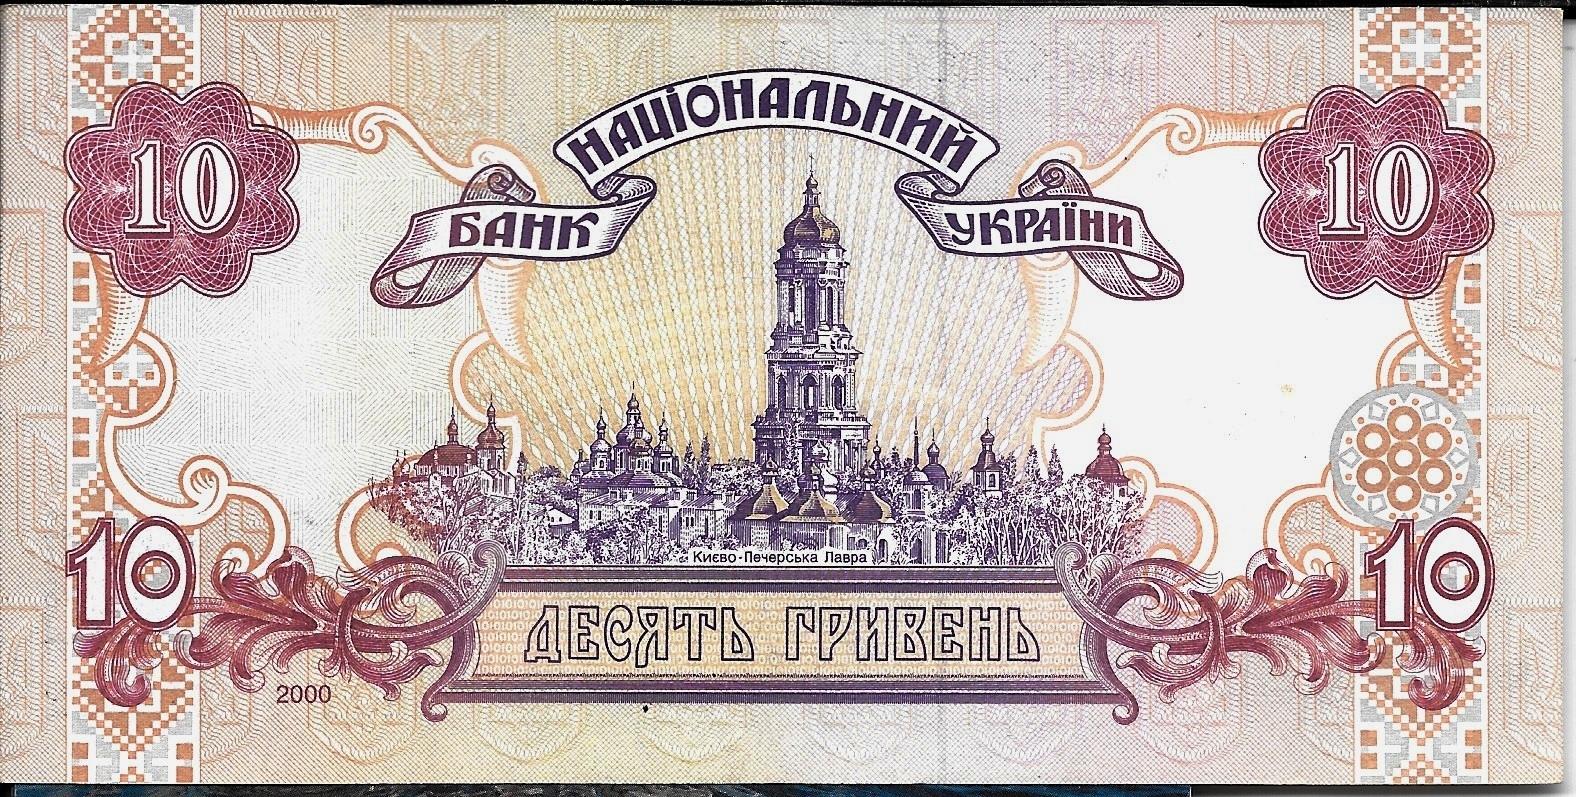 5гривен 2000гльвовский театр + 2600л керчь до 12062012г - 3jpg 13429 кб просмотров: 76